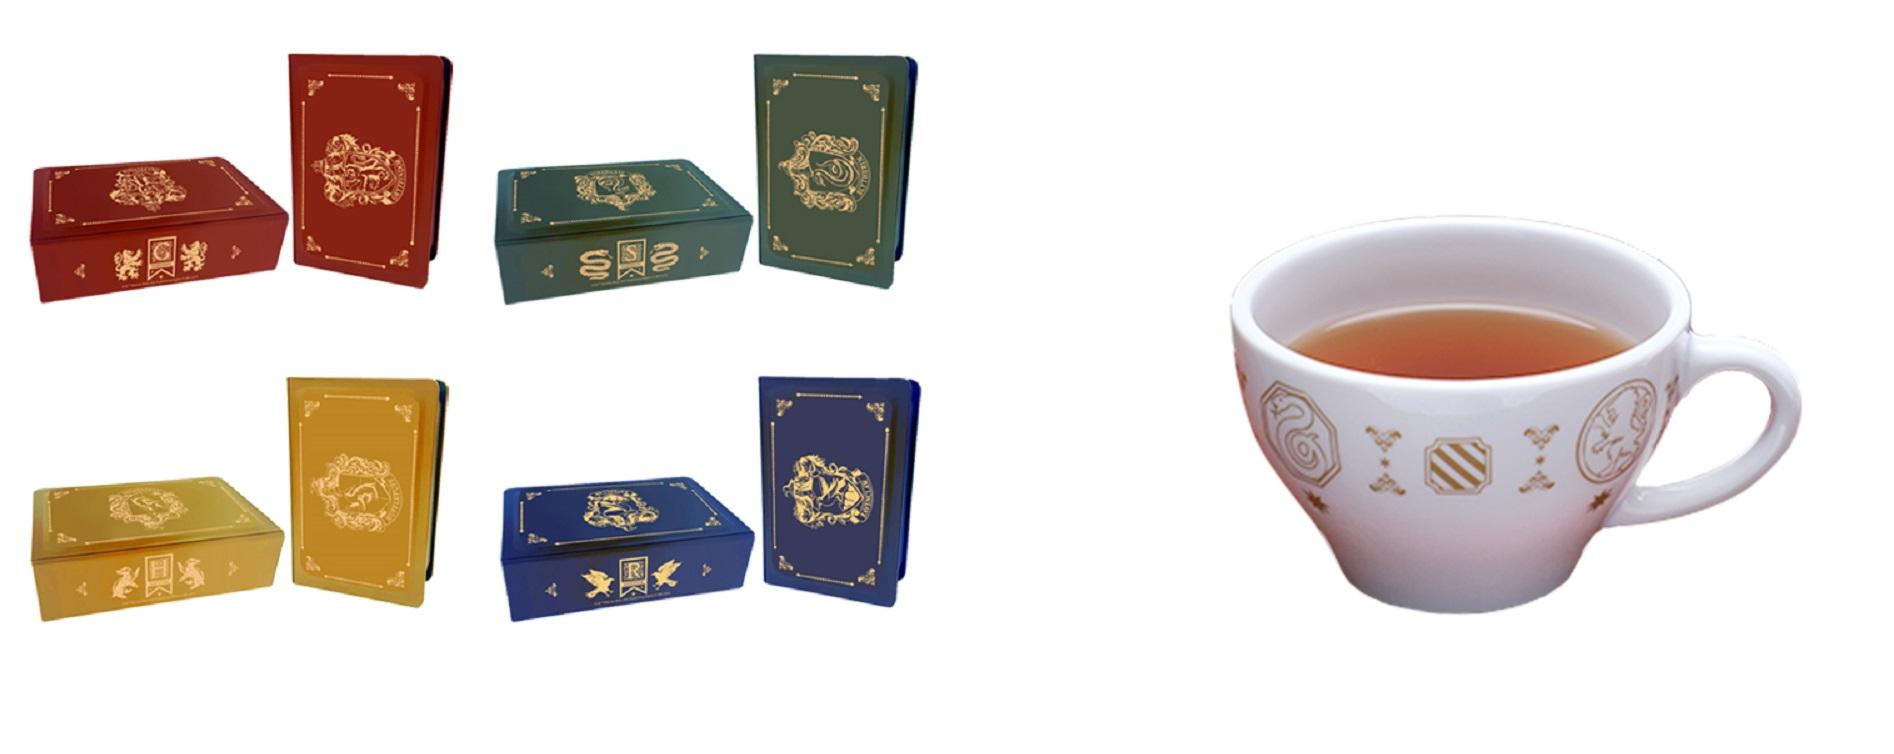 %e3%83%8f%e3%83%aa%e3%83%bc%e3%83%bb%e3%83%9b%e3%82%9a%e3%83%83%e3%82%bf%e3%83%bc-%e3%82%ab%e3%83%95%e3%82%a7%e3%80%80harry-potter-cafe11-2